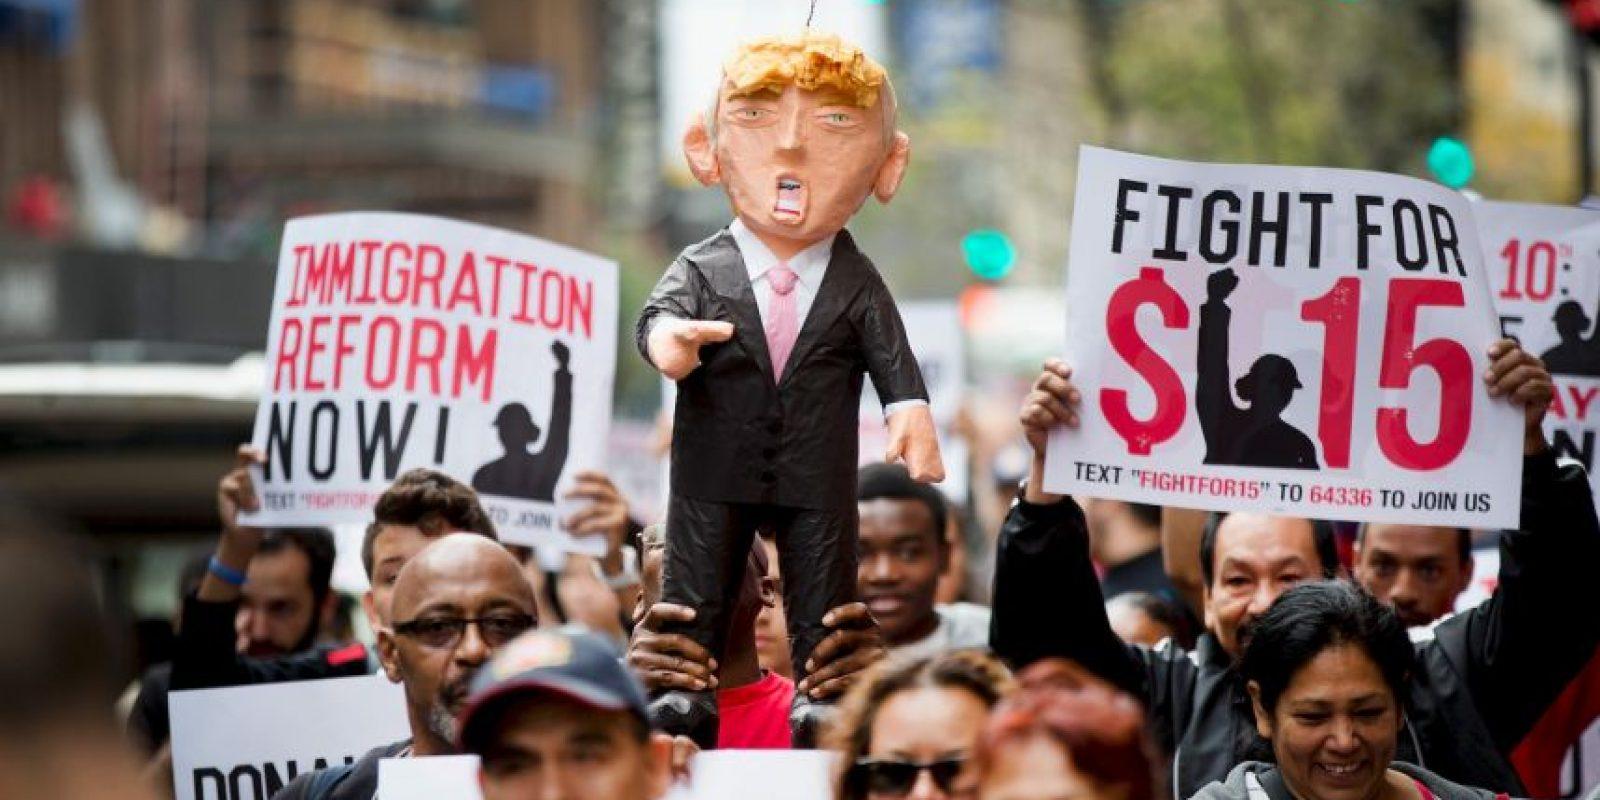 El mandatario no cree que ese sentimiento antimigrante sea muy real. Foto:Getty Images